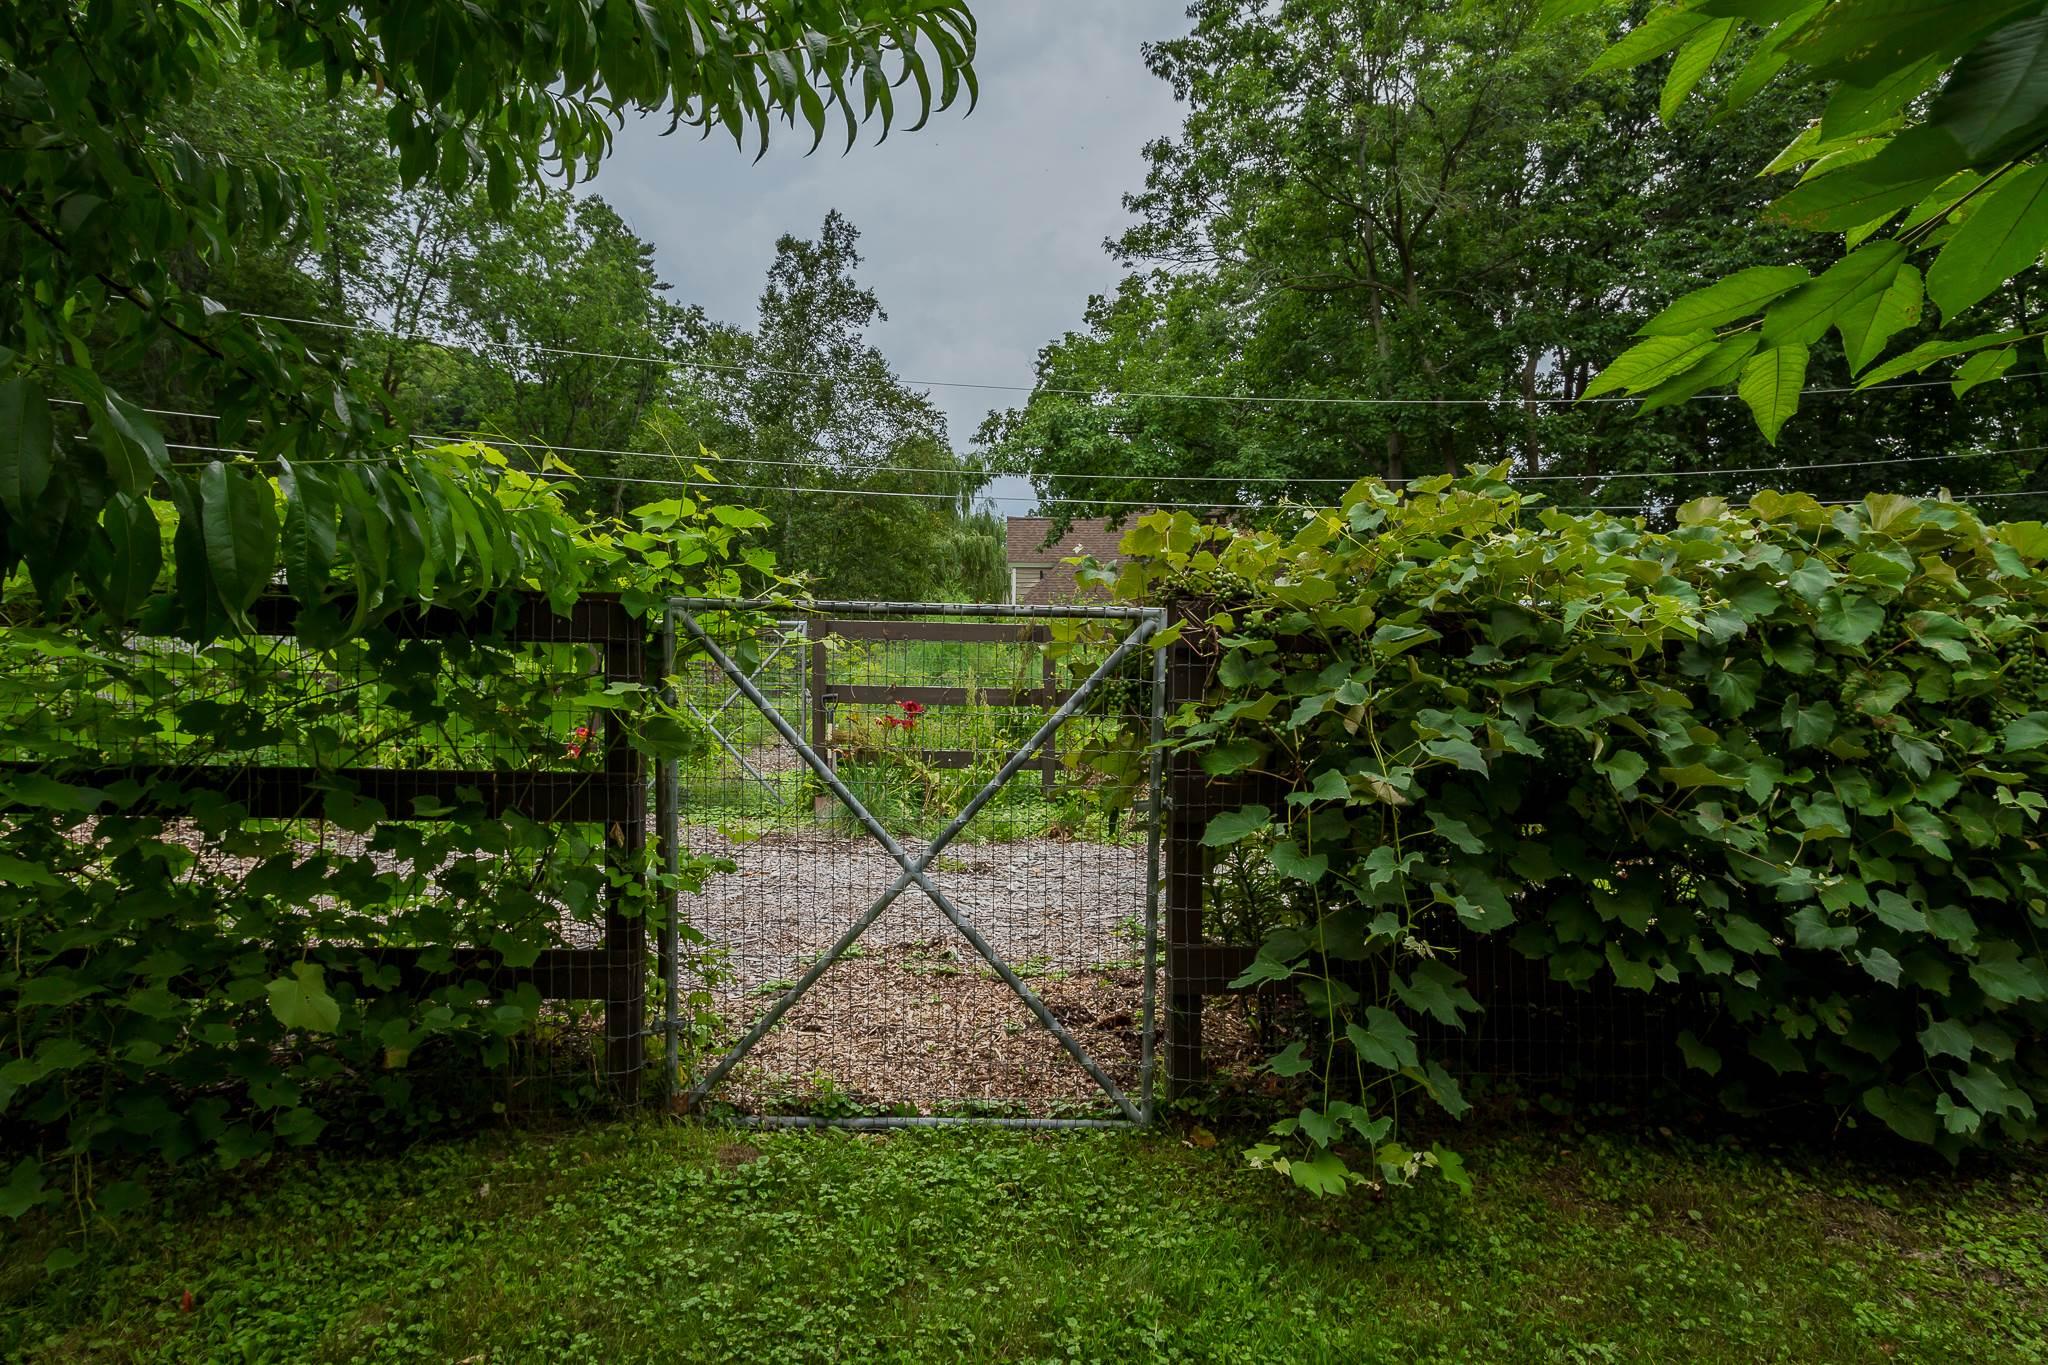 Saratoga S image 21